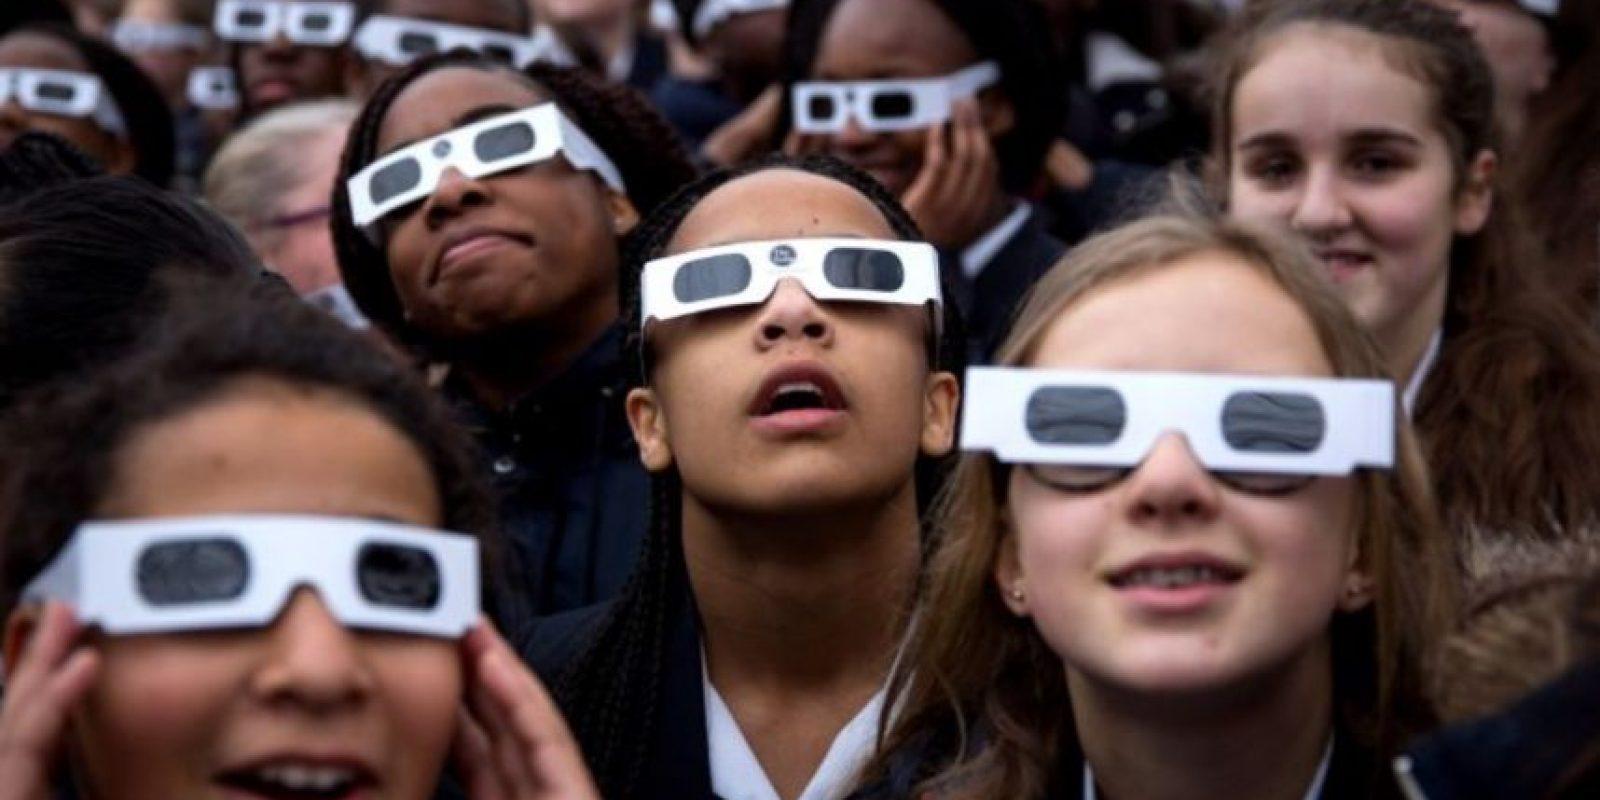 De acuerdo a la NASA, el elcipse total de sol más cercano a América Latina será el 21 de agosto de 2017 Foto:Getty Images